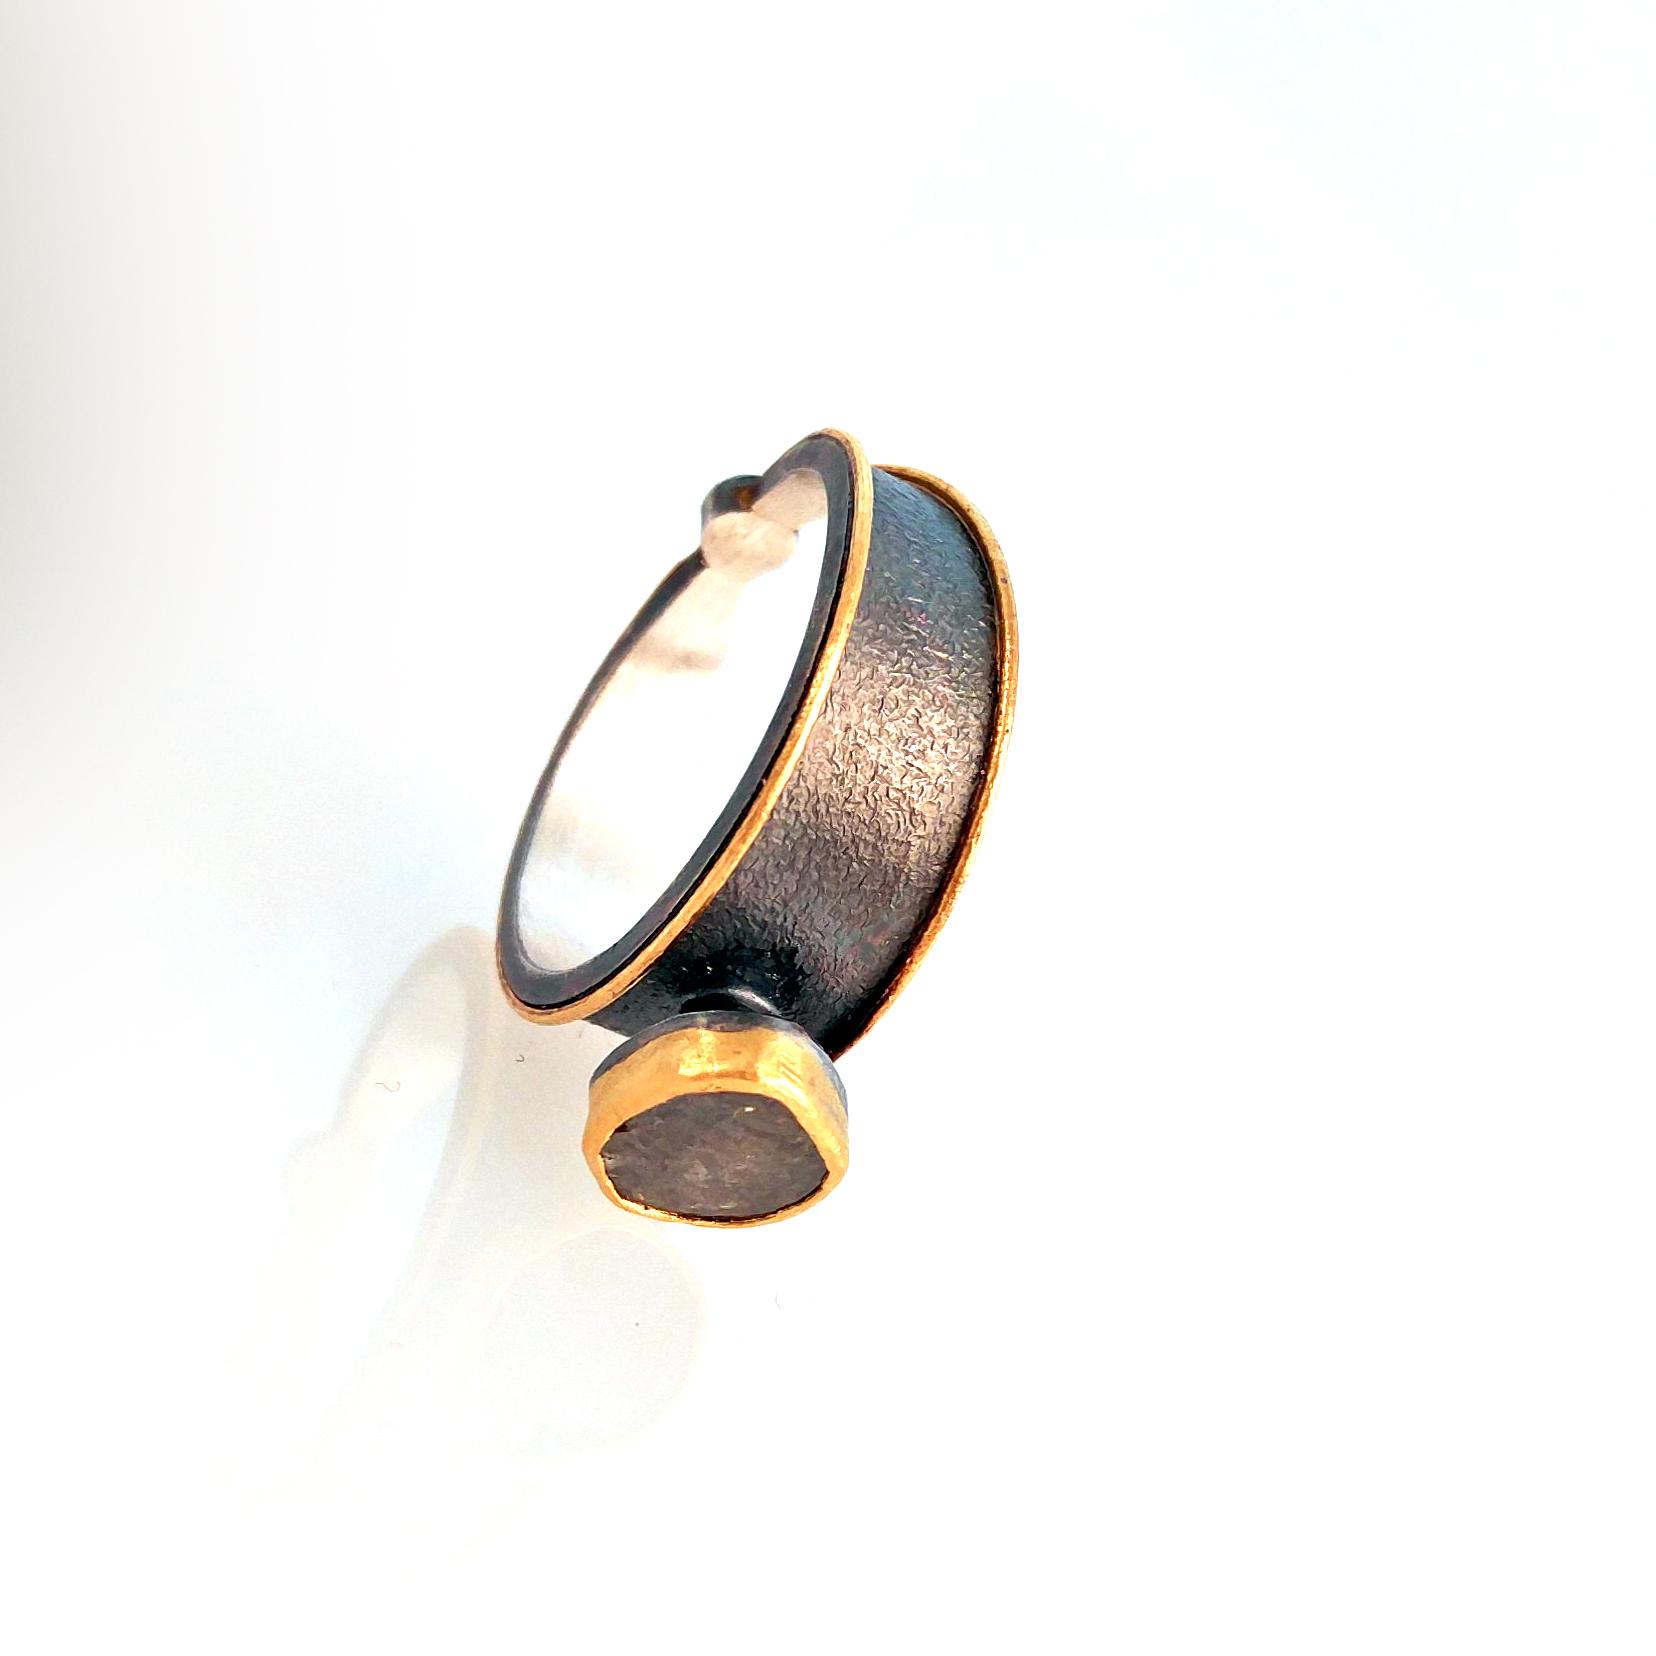 diamond ring with small yellow diamond